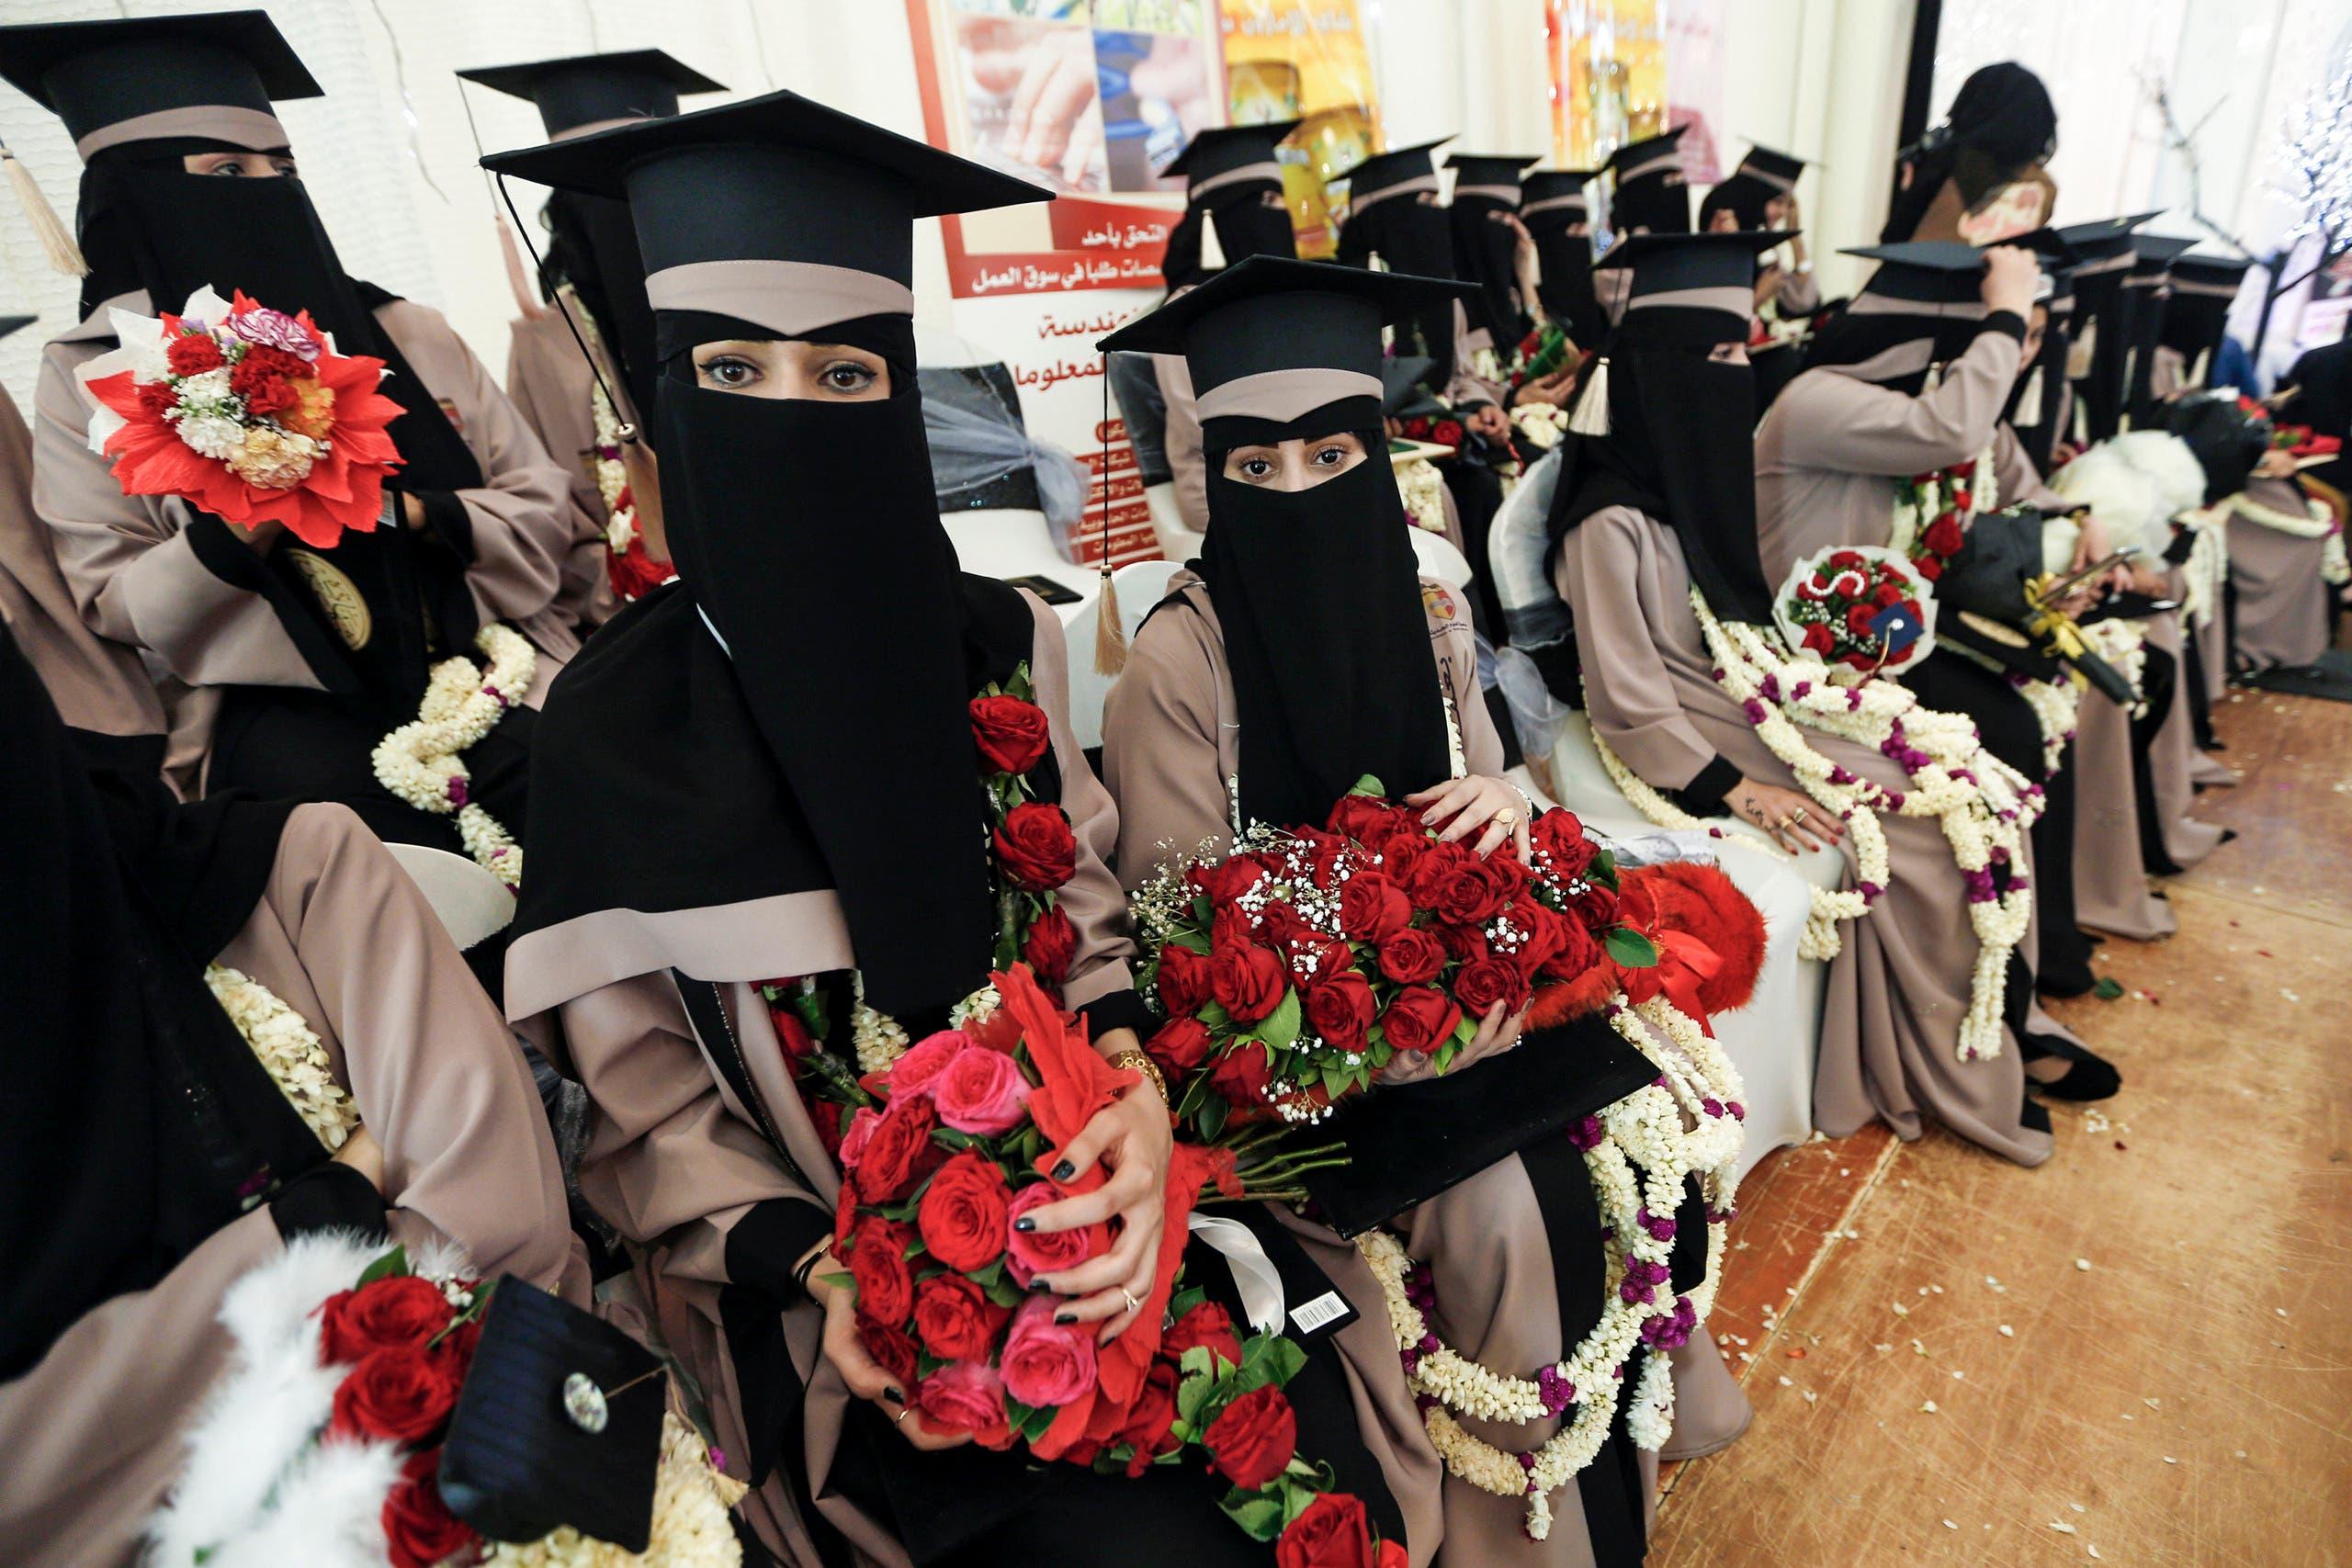 طالبات يمنيات أثناء حفل التخرج من الجامعة